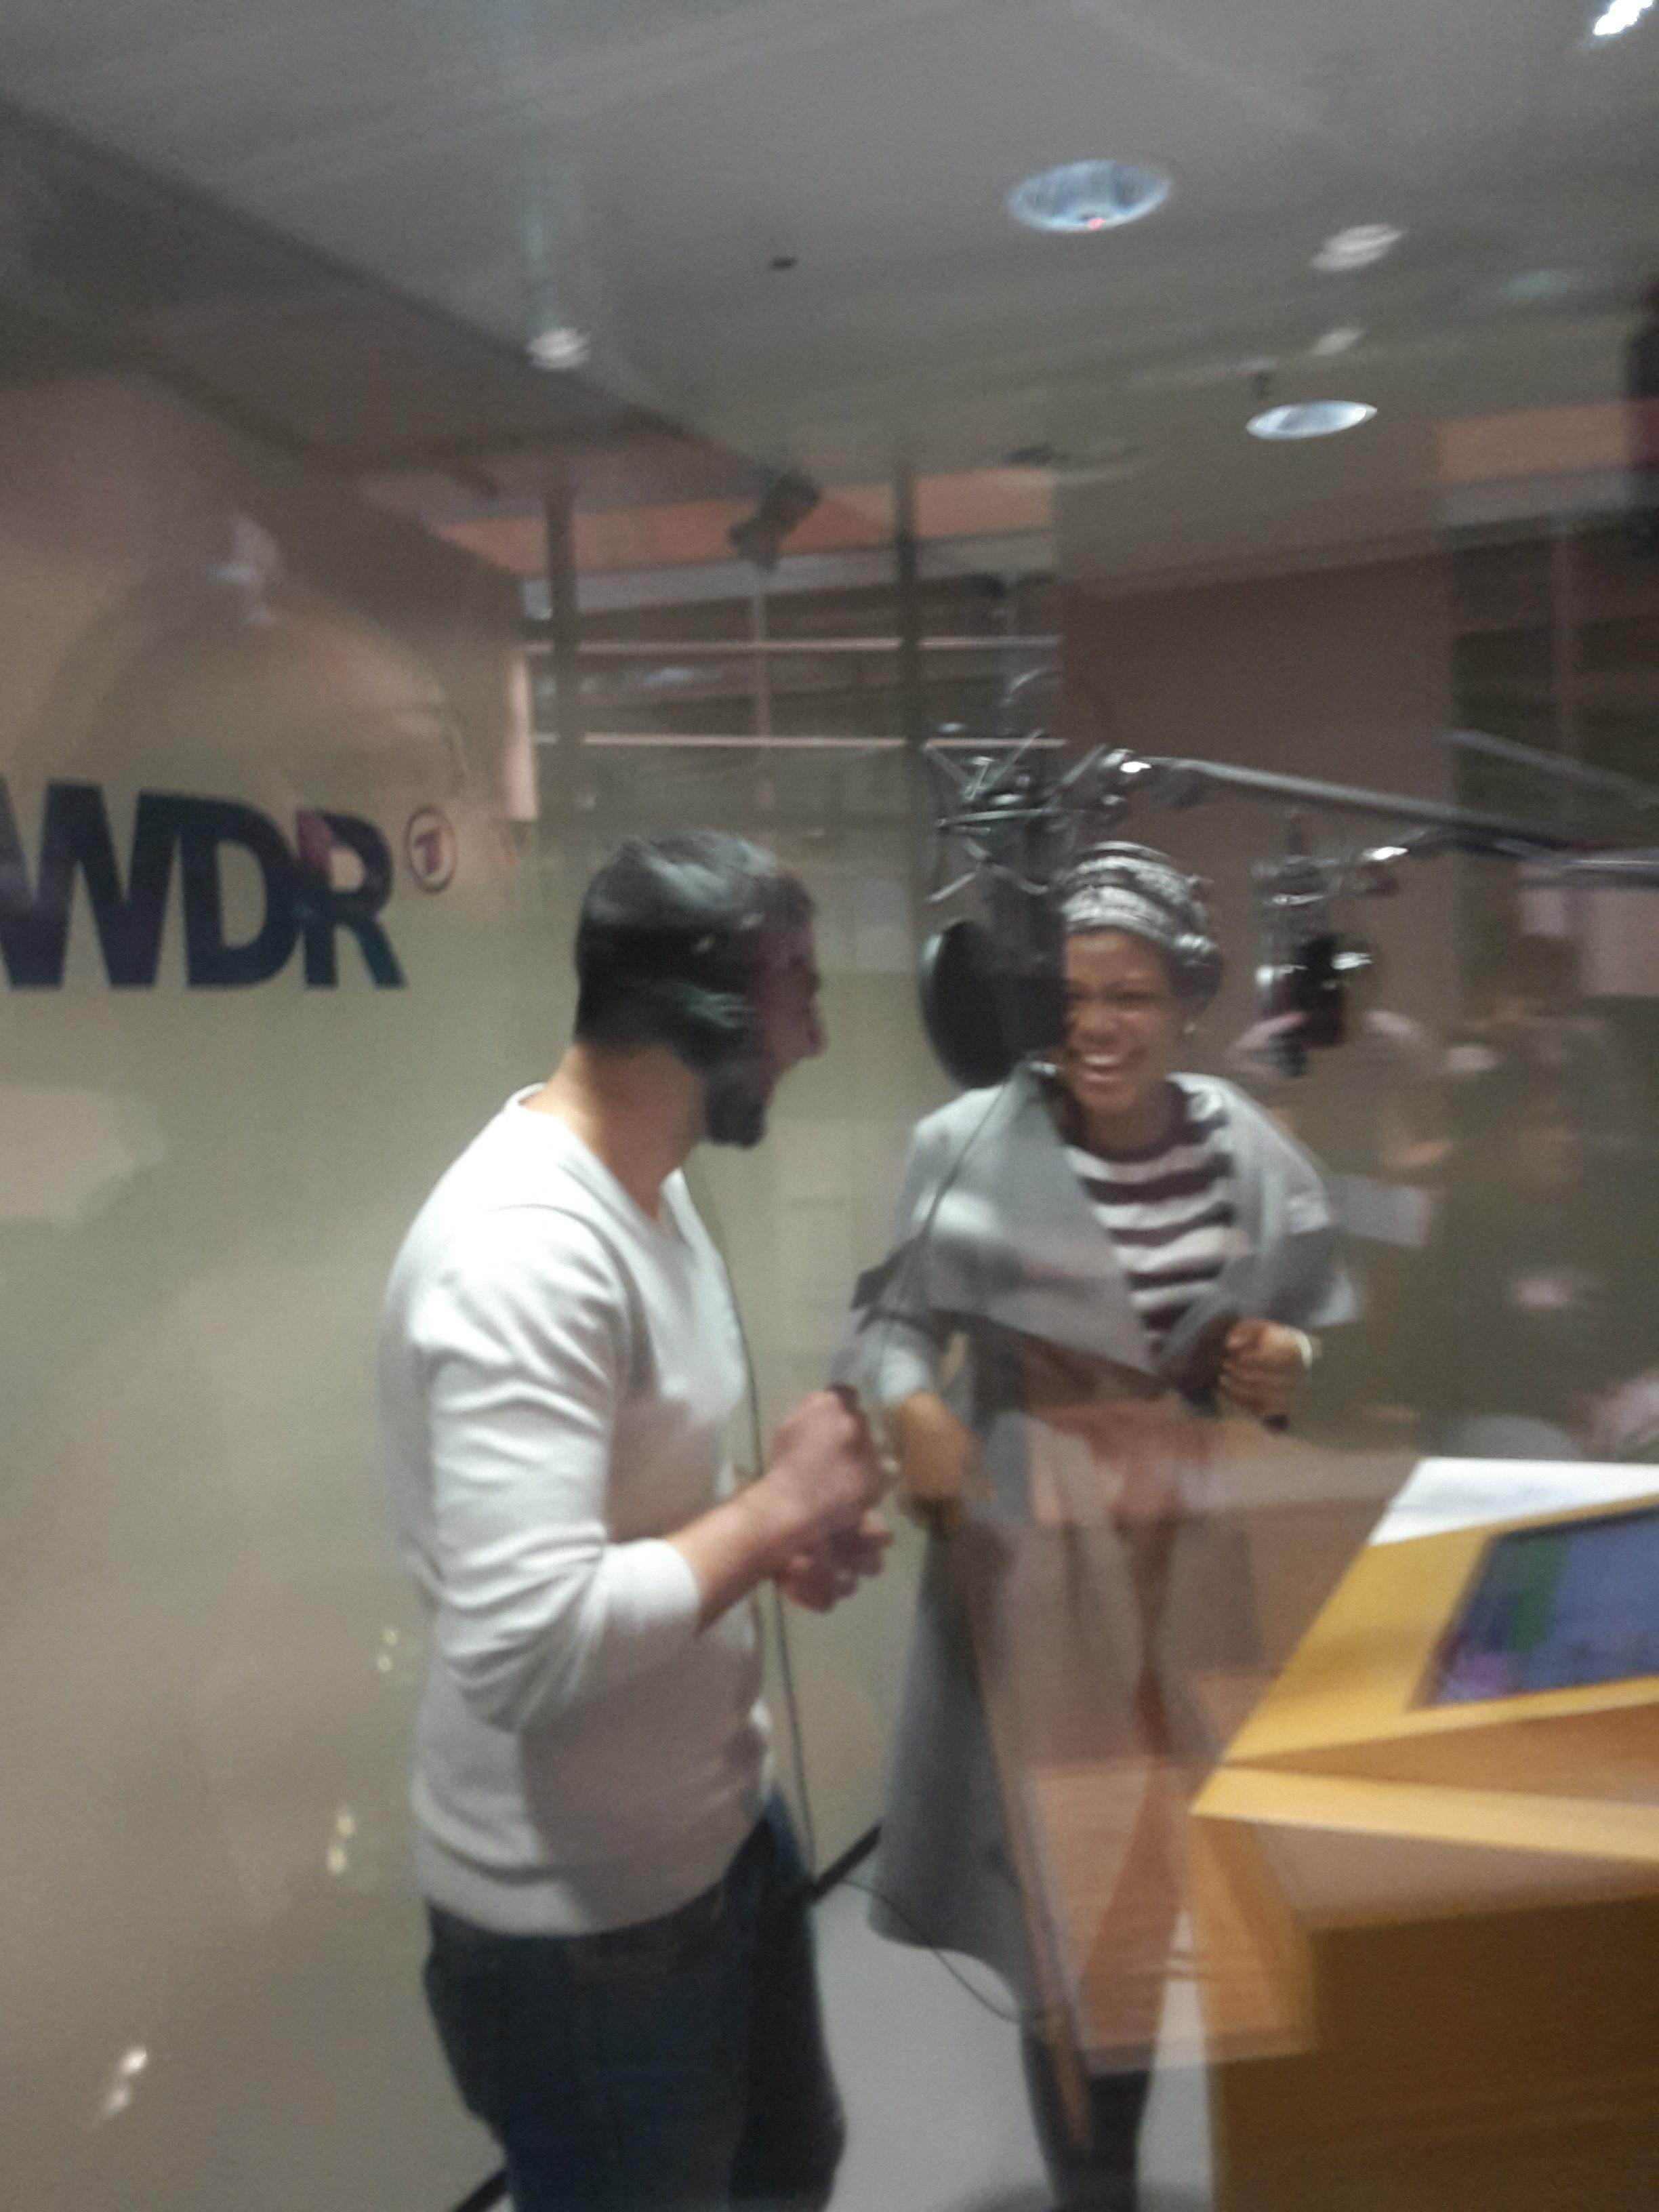 Radioprojekt beim WDR